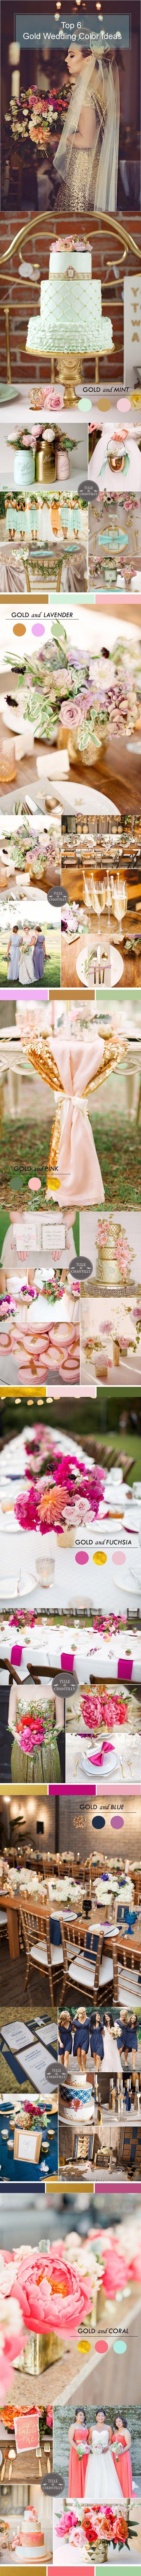 Wedding - Top 6 Gold Wedding Color Ideas Spring/Summer 2015